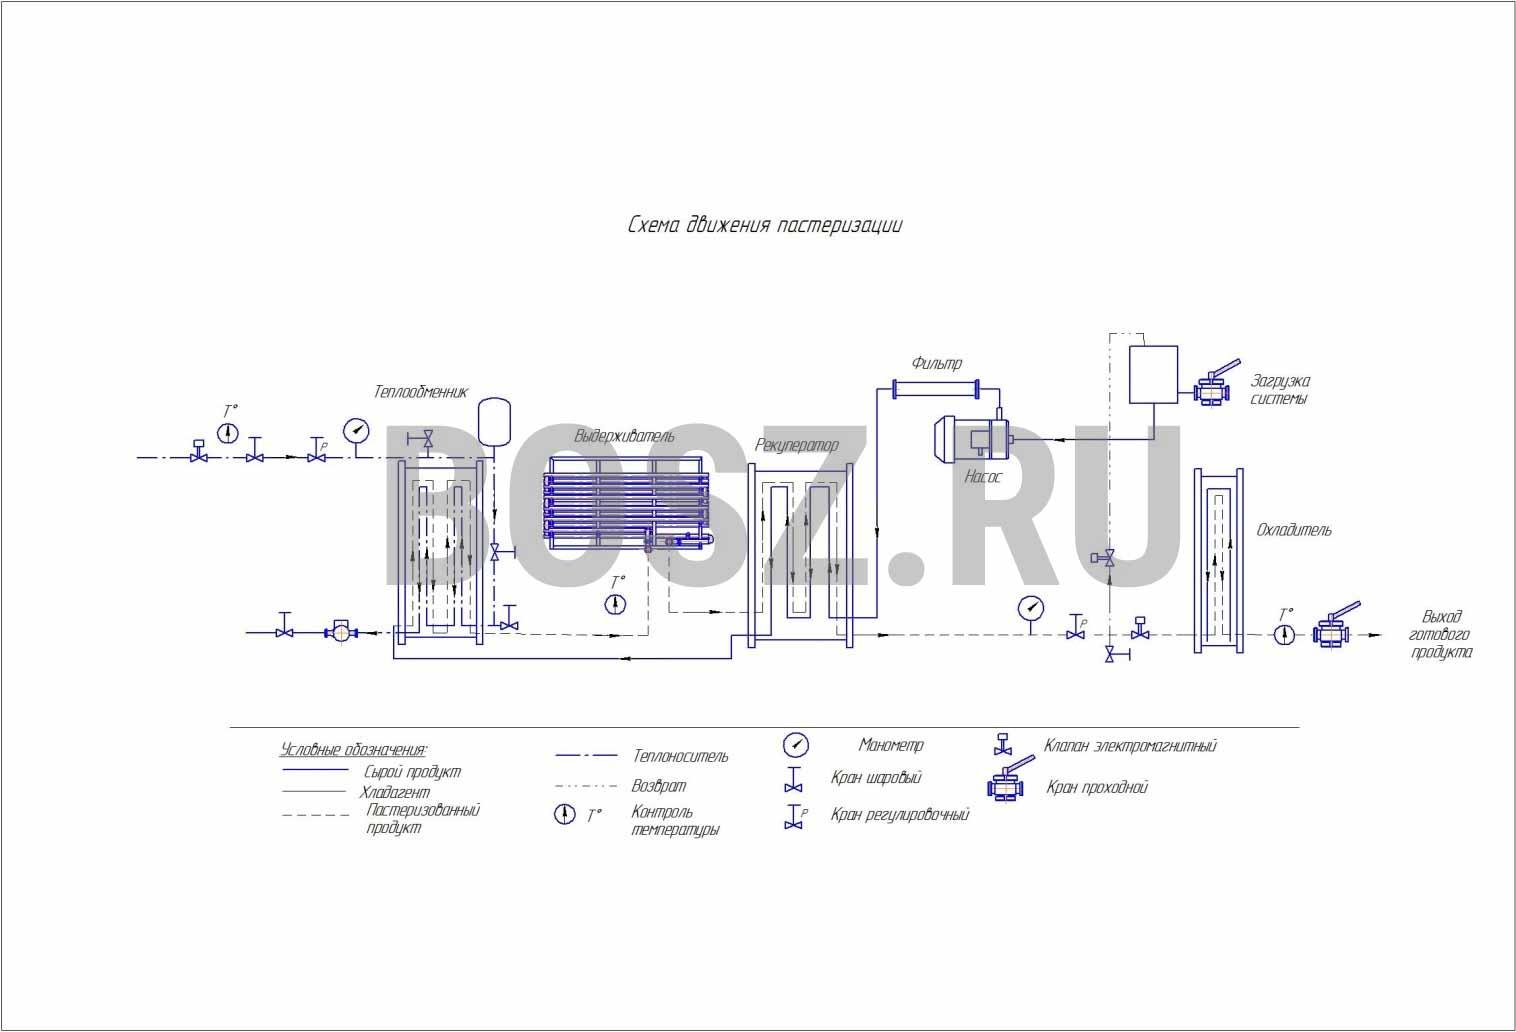 Третья фотография или схема Пастеризатор ПМР с водяным нагревом